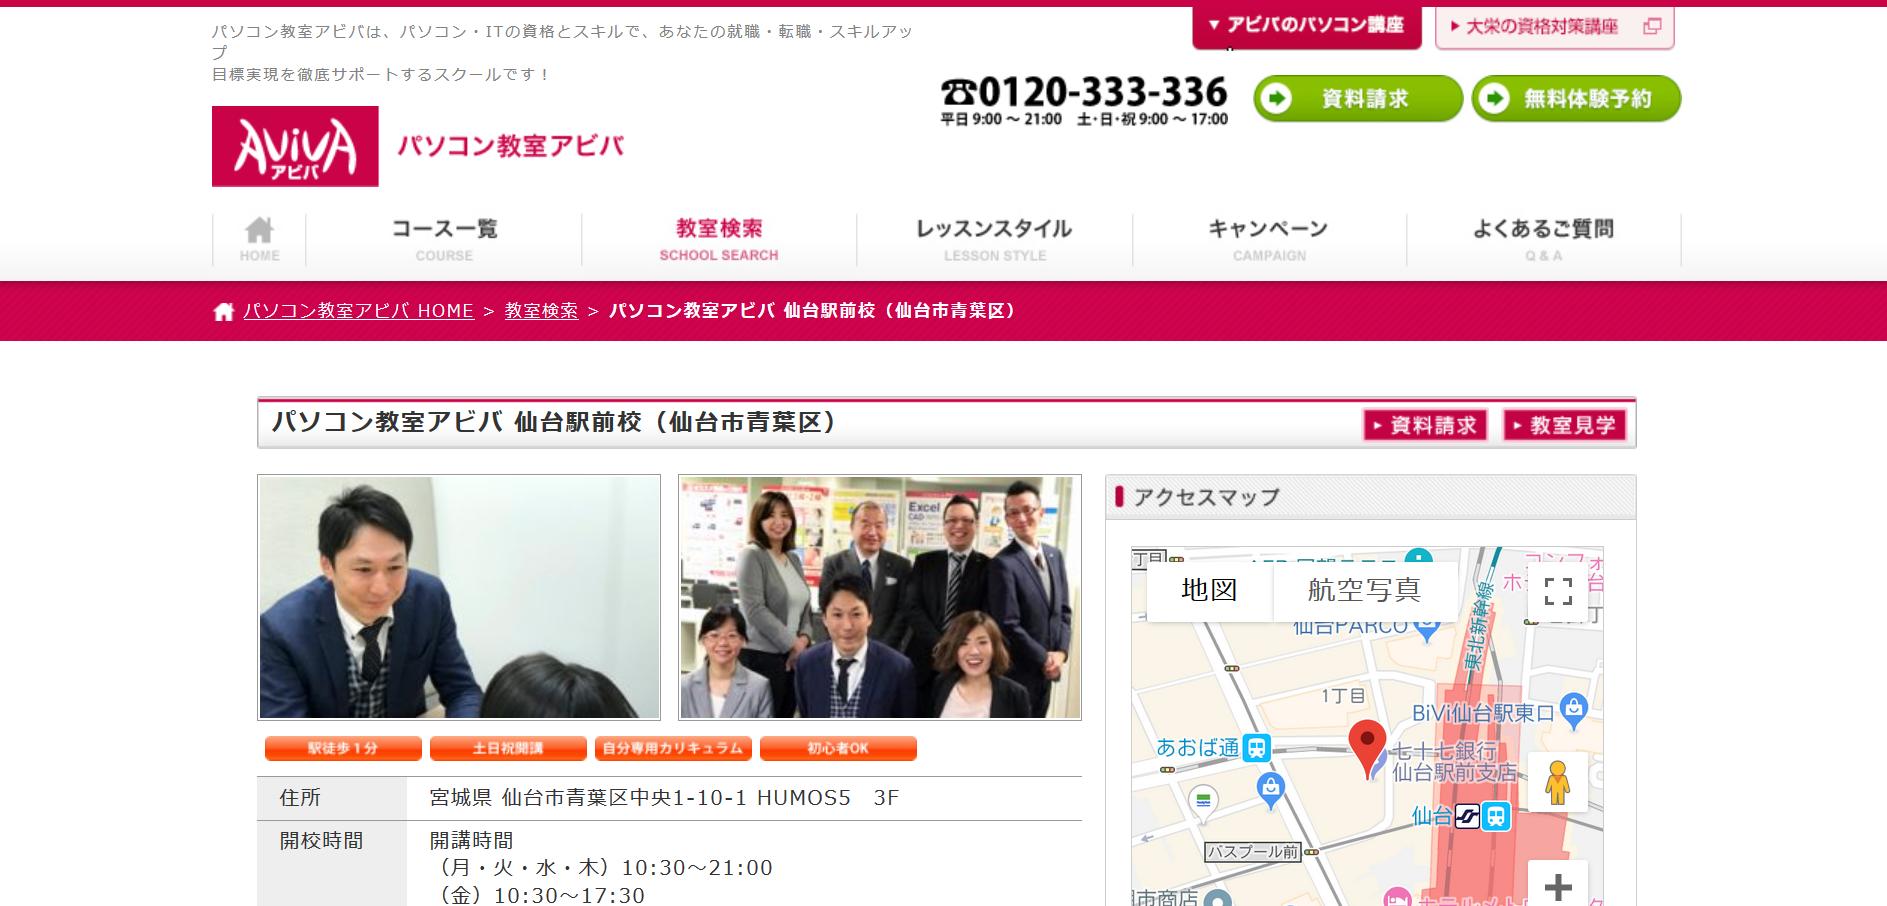 パソコン教室アビバ 仙台駅前校の評判・口コミ